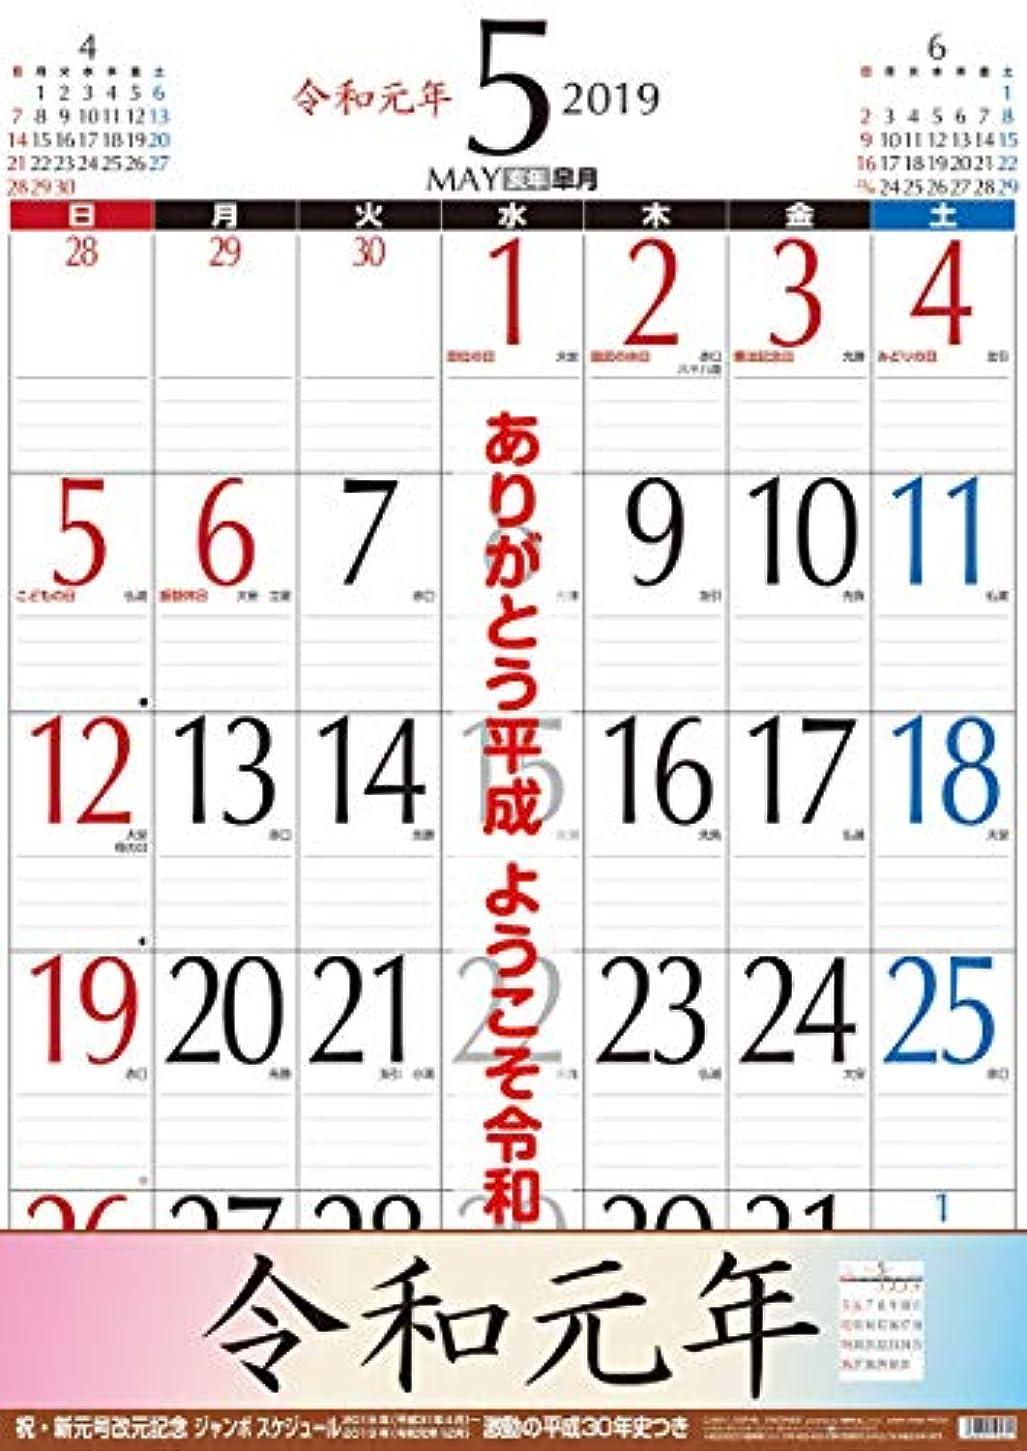 のれんインドに令和 新元号 改元 記念 ジャンボ スケジュール 2019年 カレンダー CL-8004 75×52cm 2019年4月から2019年12月まで 4月始まり